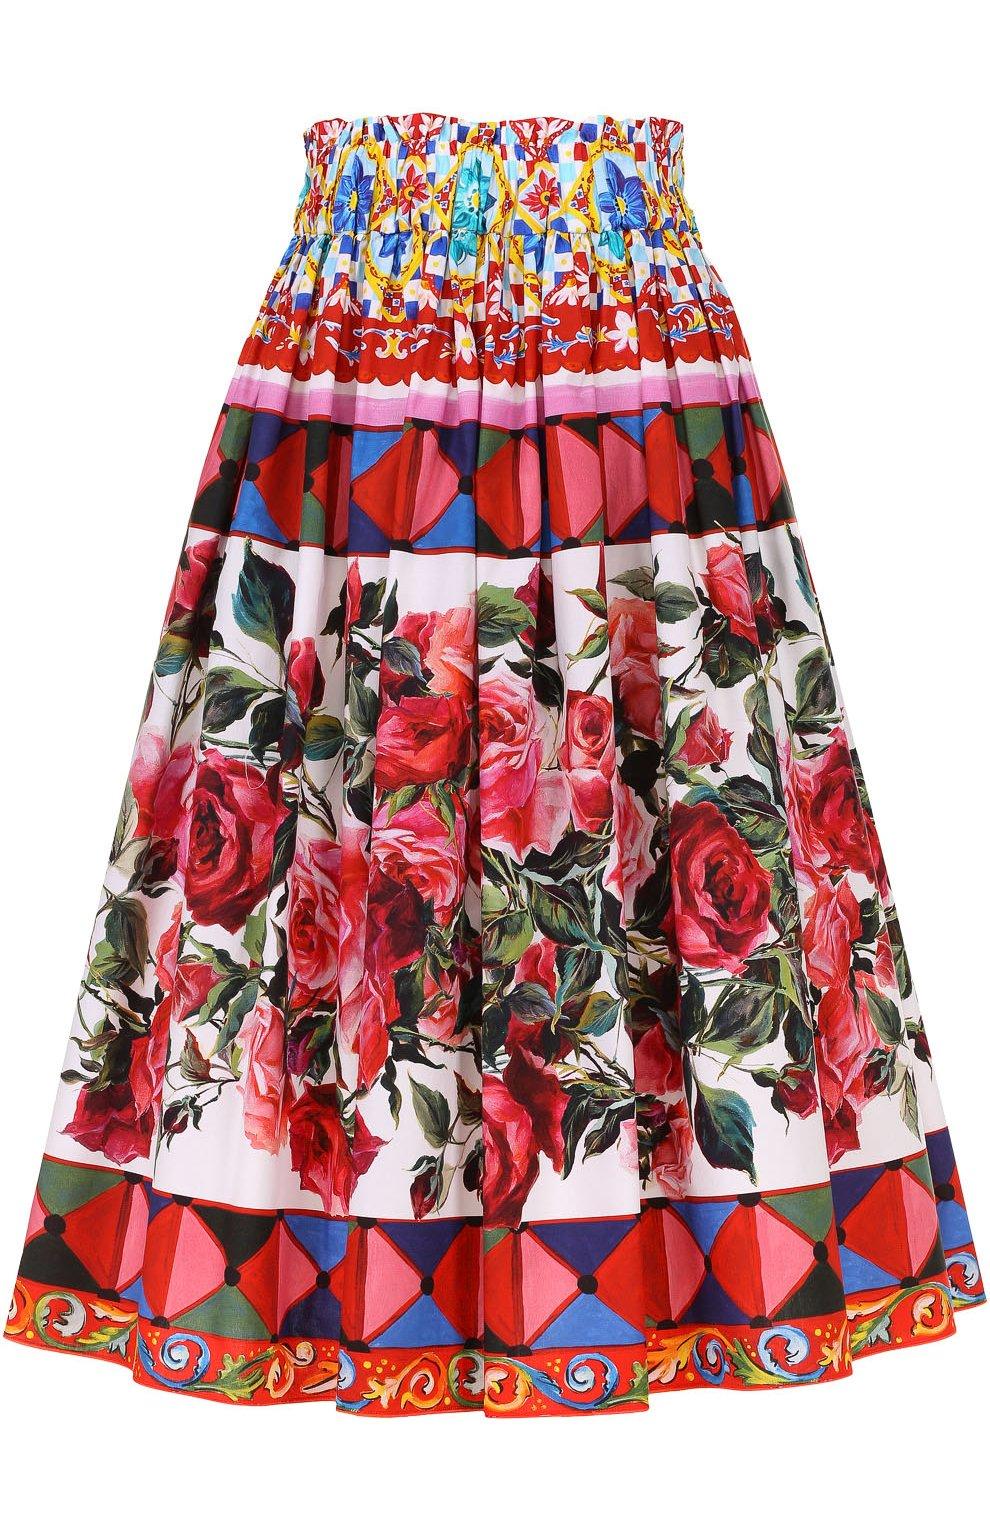 Цум ассортимент женских платьев